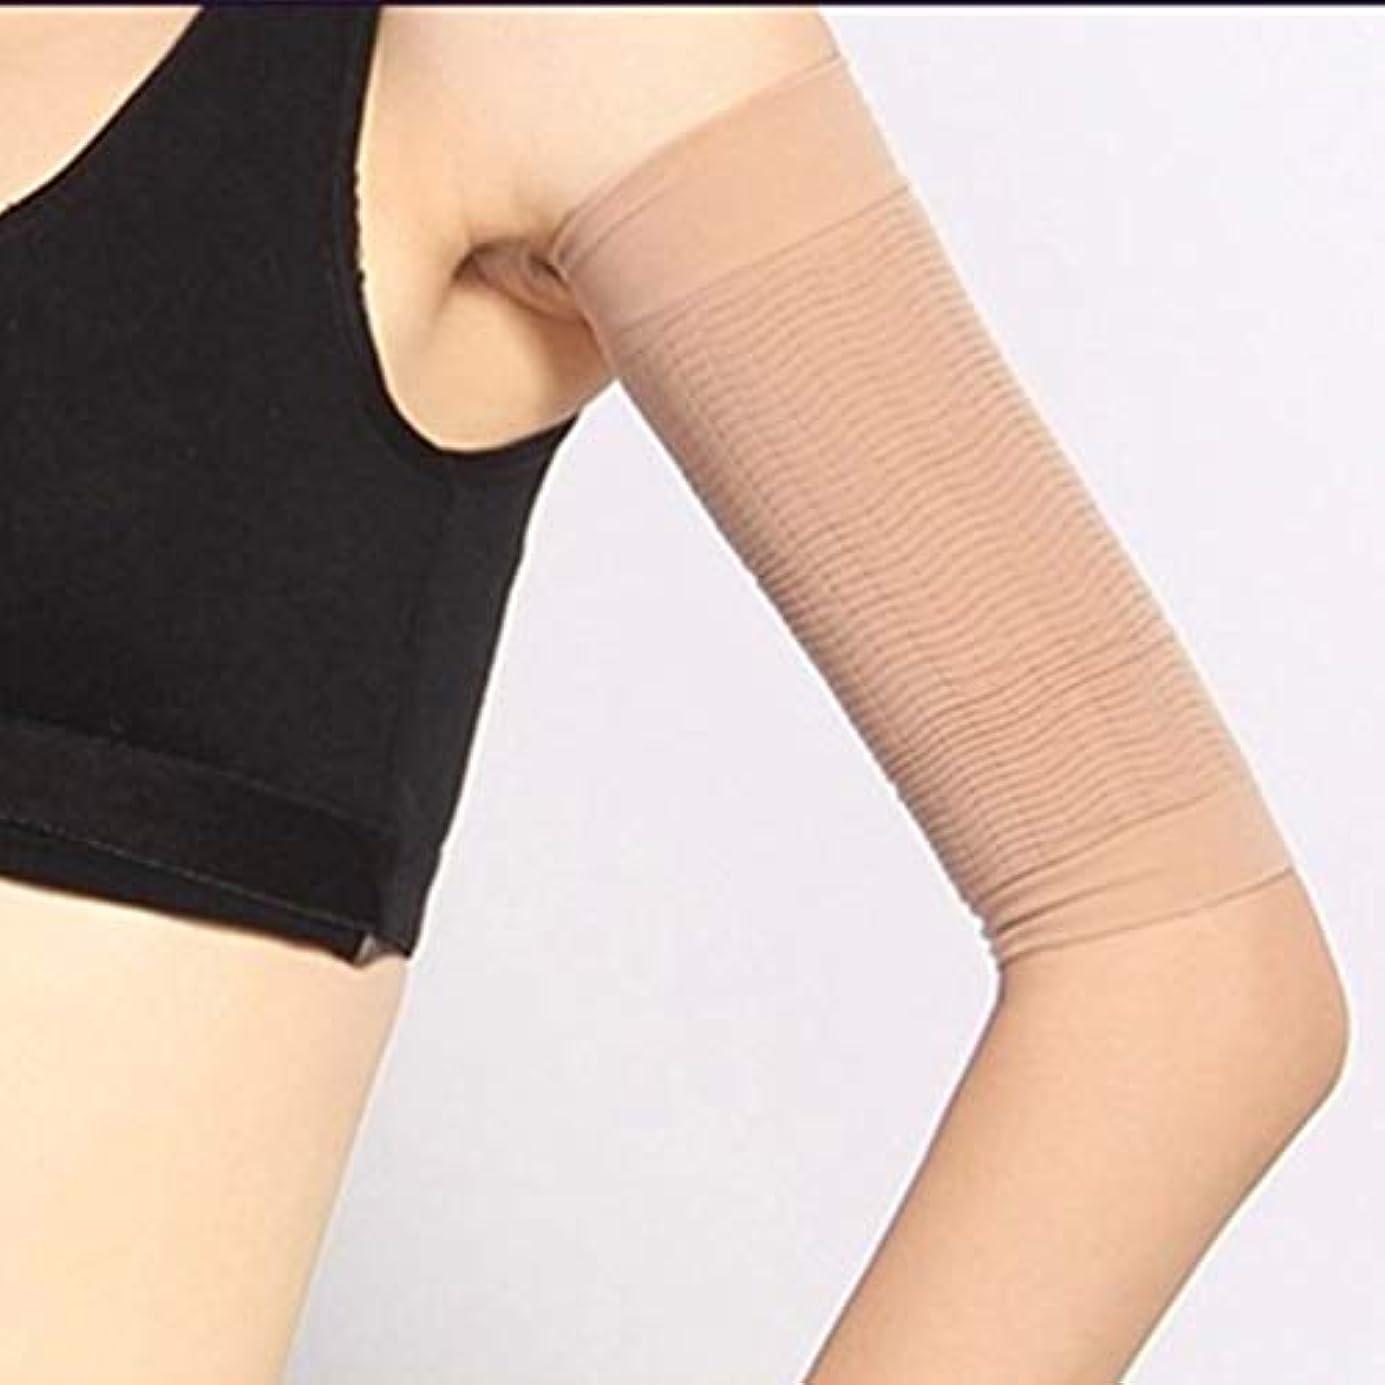 ハウジング限りなくボンド1ペア420 D圧縮痩身アームスリーブワークアウトトーニングバーンセルライトシェイパー脂肪燃焼袖用女性 - 肌色